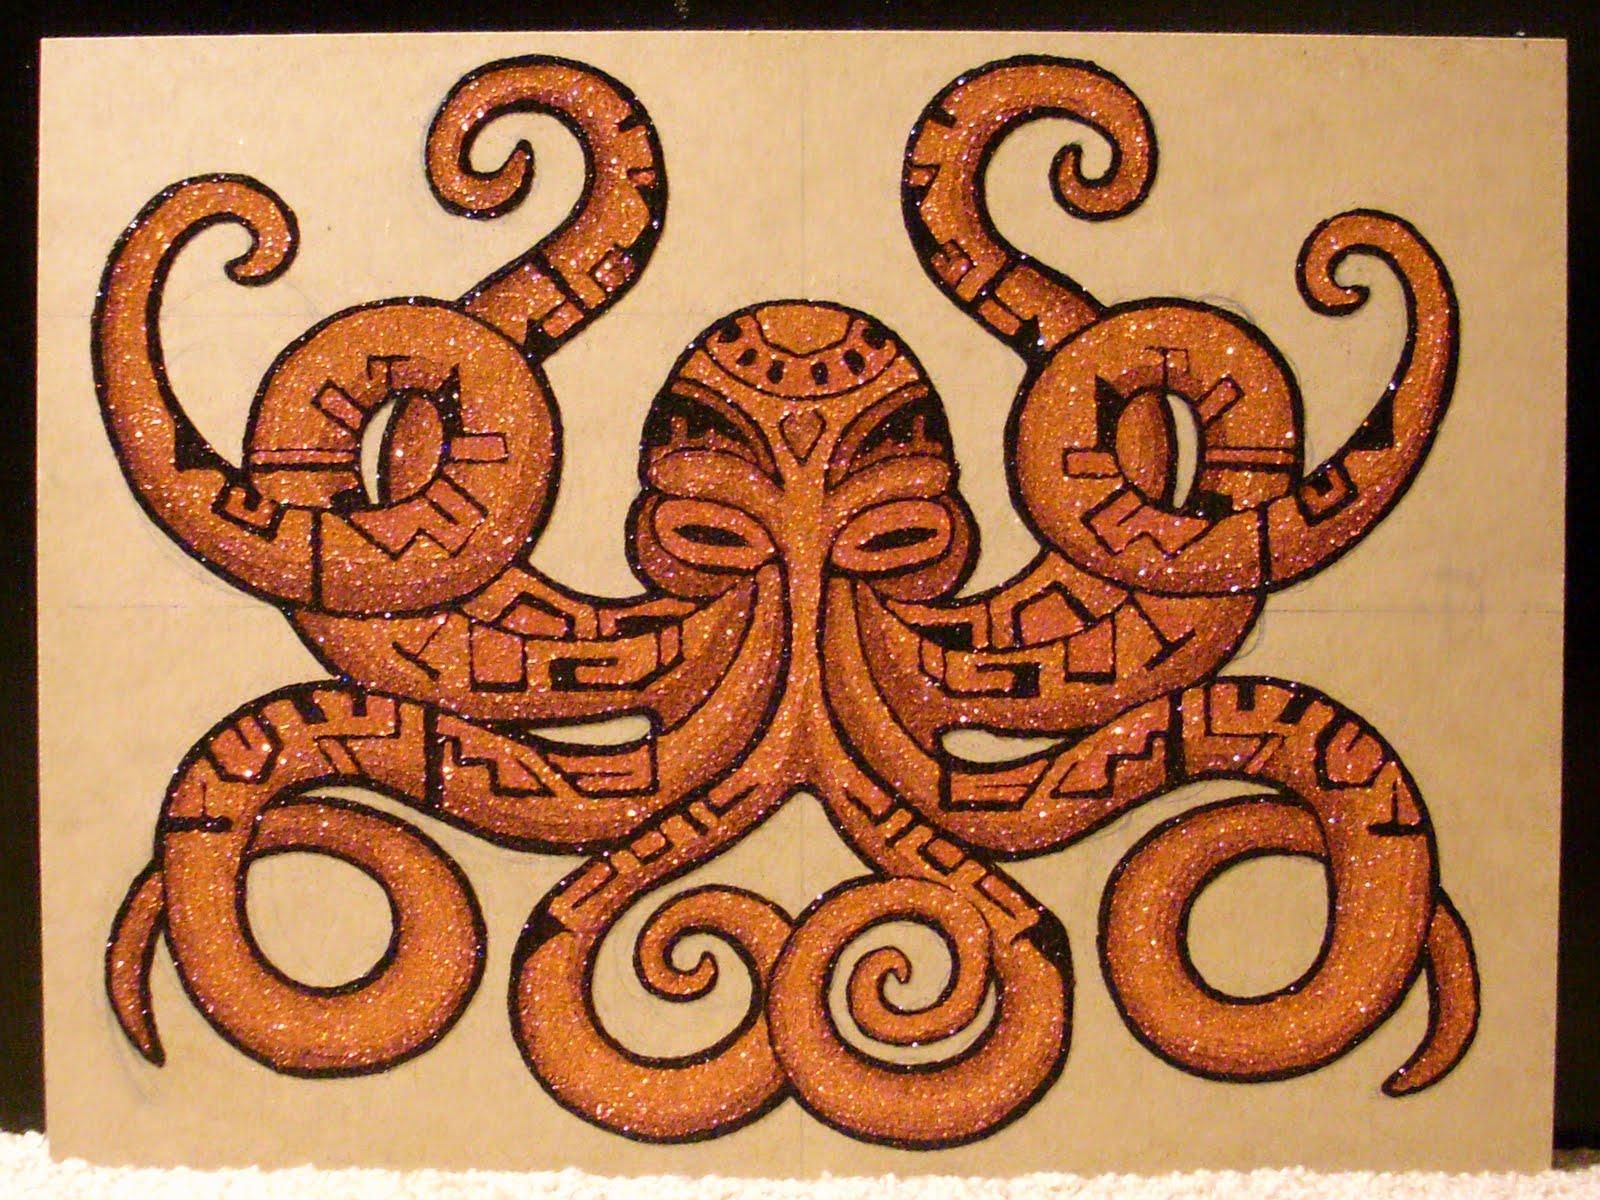 http://2.bp.blogspot.com/_QYgHTWZGoQc/TLj76fNSGGI/AAAAAAAAA5E/k4v6nqPBPIw/s1600/AztecTopus.jpg